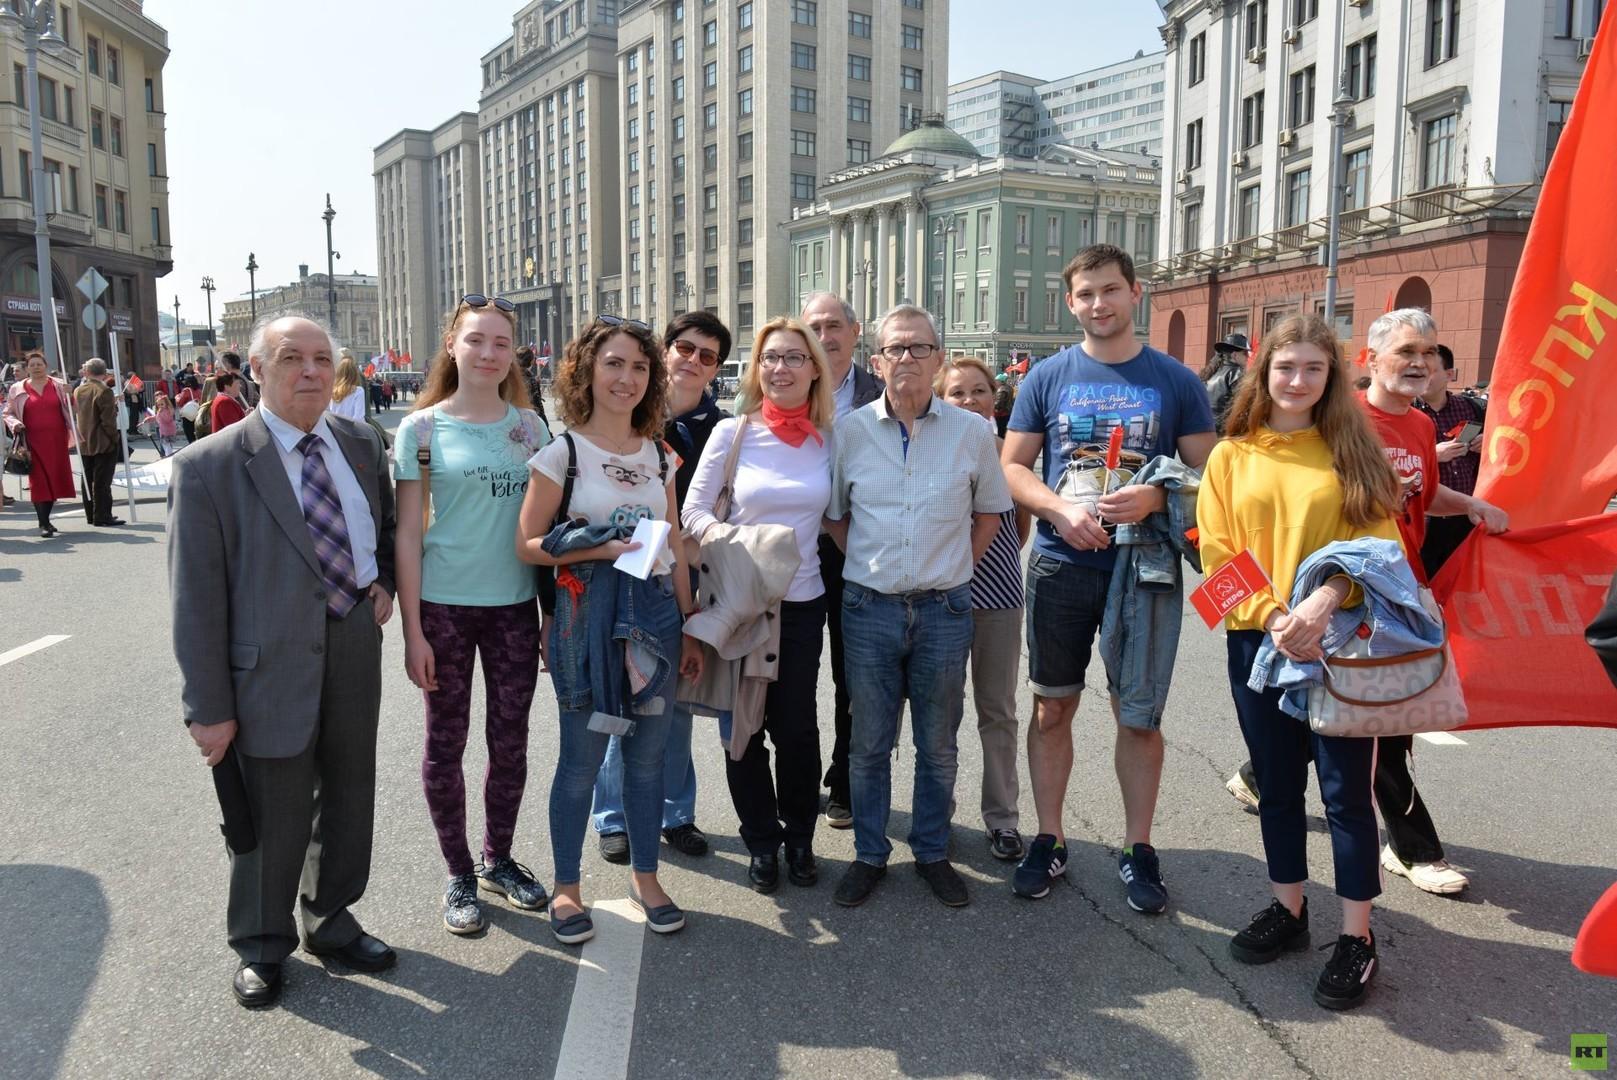 Kommunistische 1. Mai-Demonstrationen in Moskau: Hoffen auf einen sozialeren Kurs